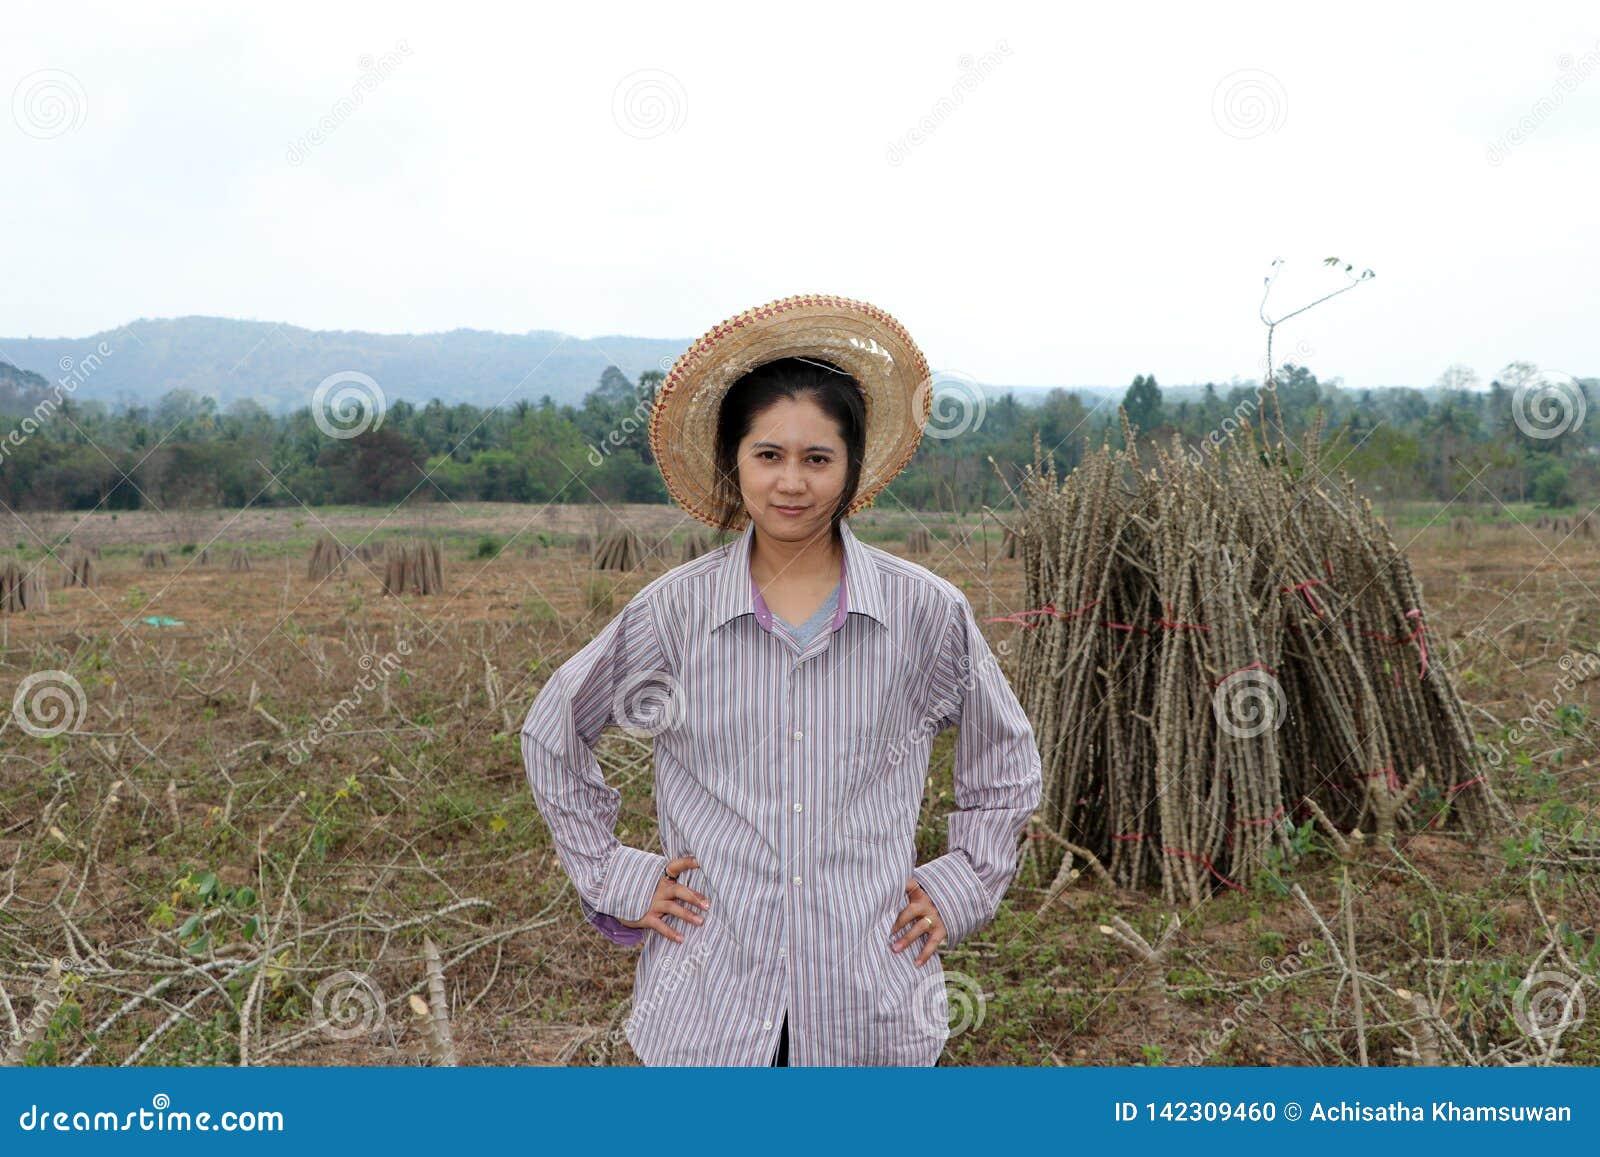 与两手插腰的女性农夫身分和在农场一起切开堆珍珠粉植物的肢体